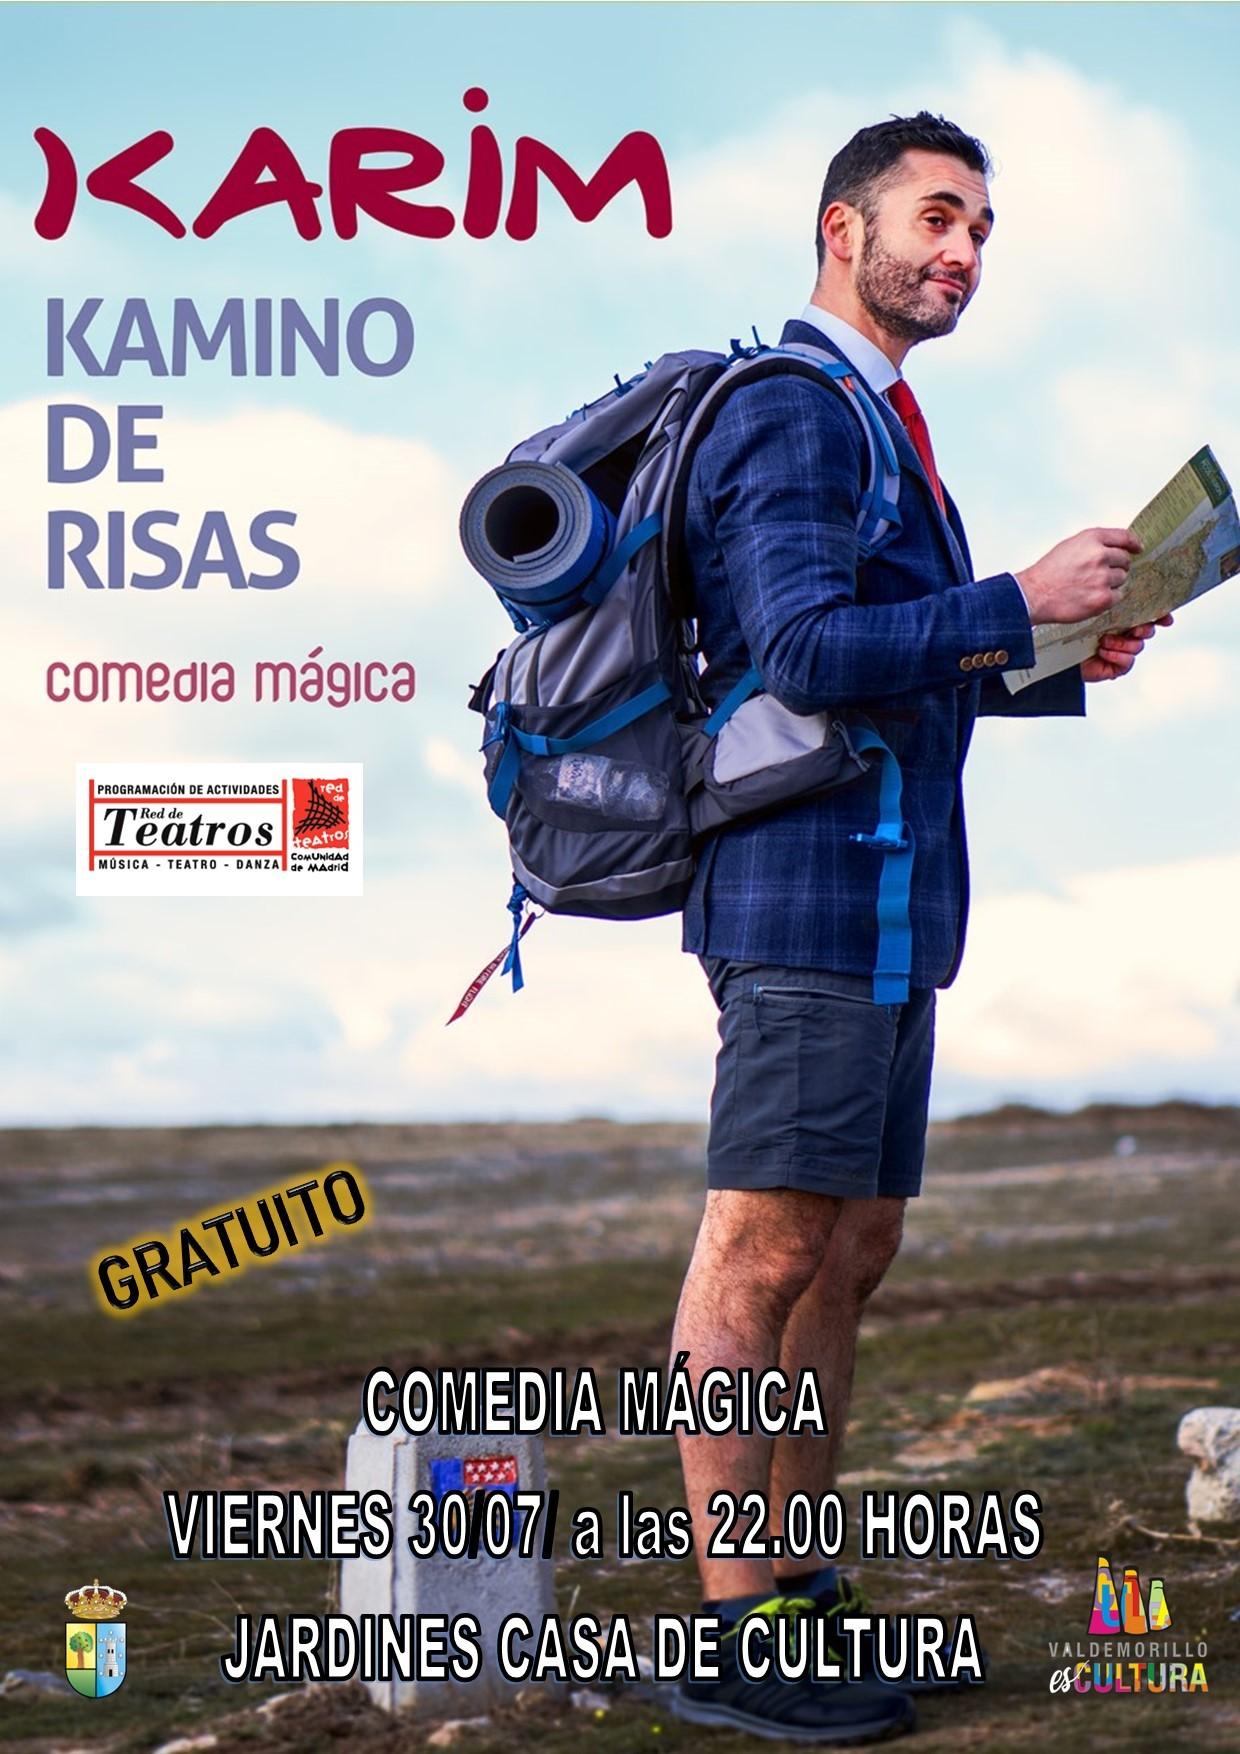 Valdemorillo invita este viernes a acompañar al  Mago Karim en su 'Kamino de risas', un espectáculo lleno de humor a disfrutar en los jardines de la Giralt Laporta